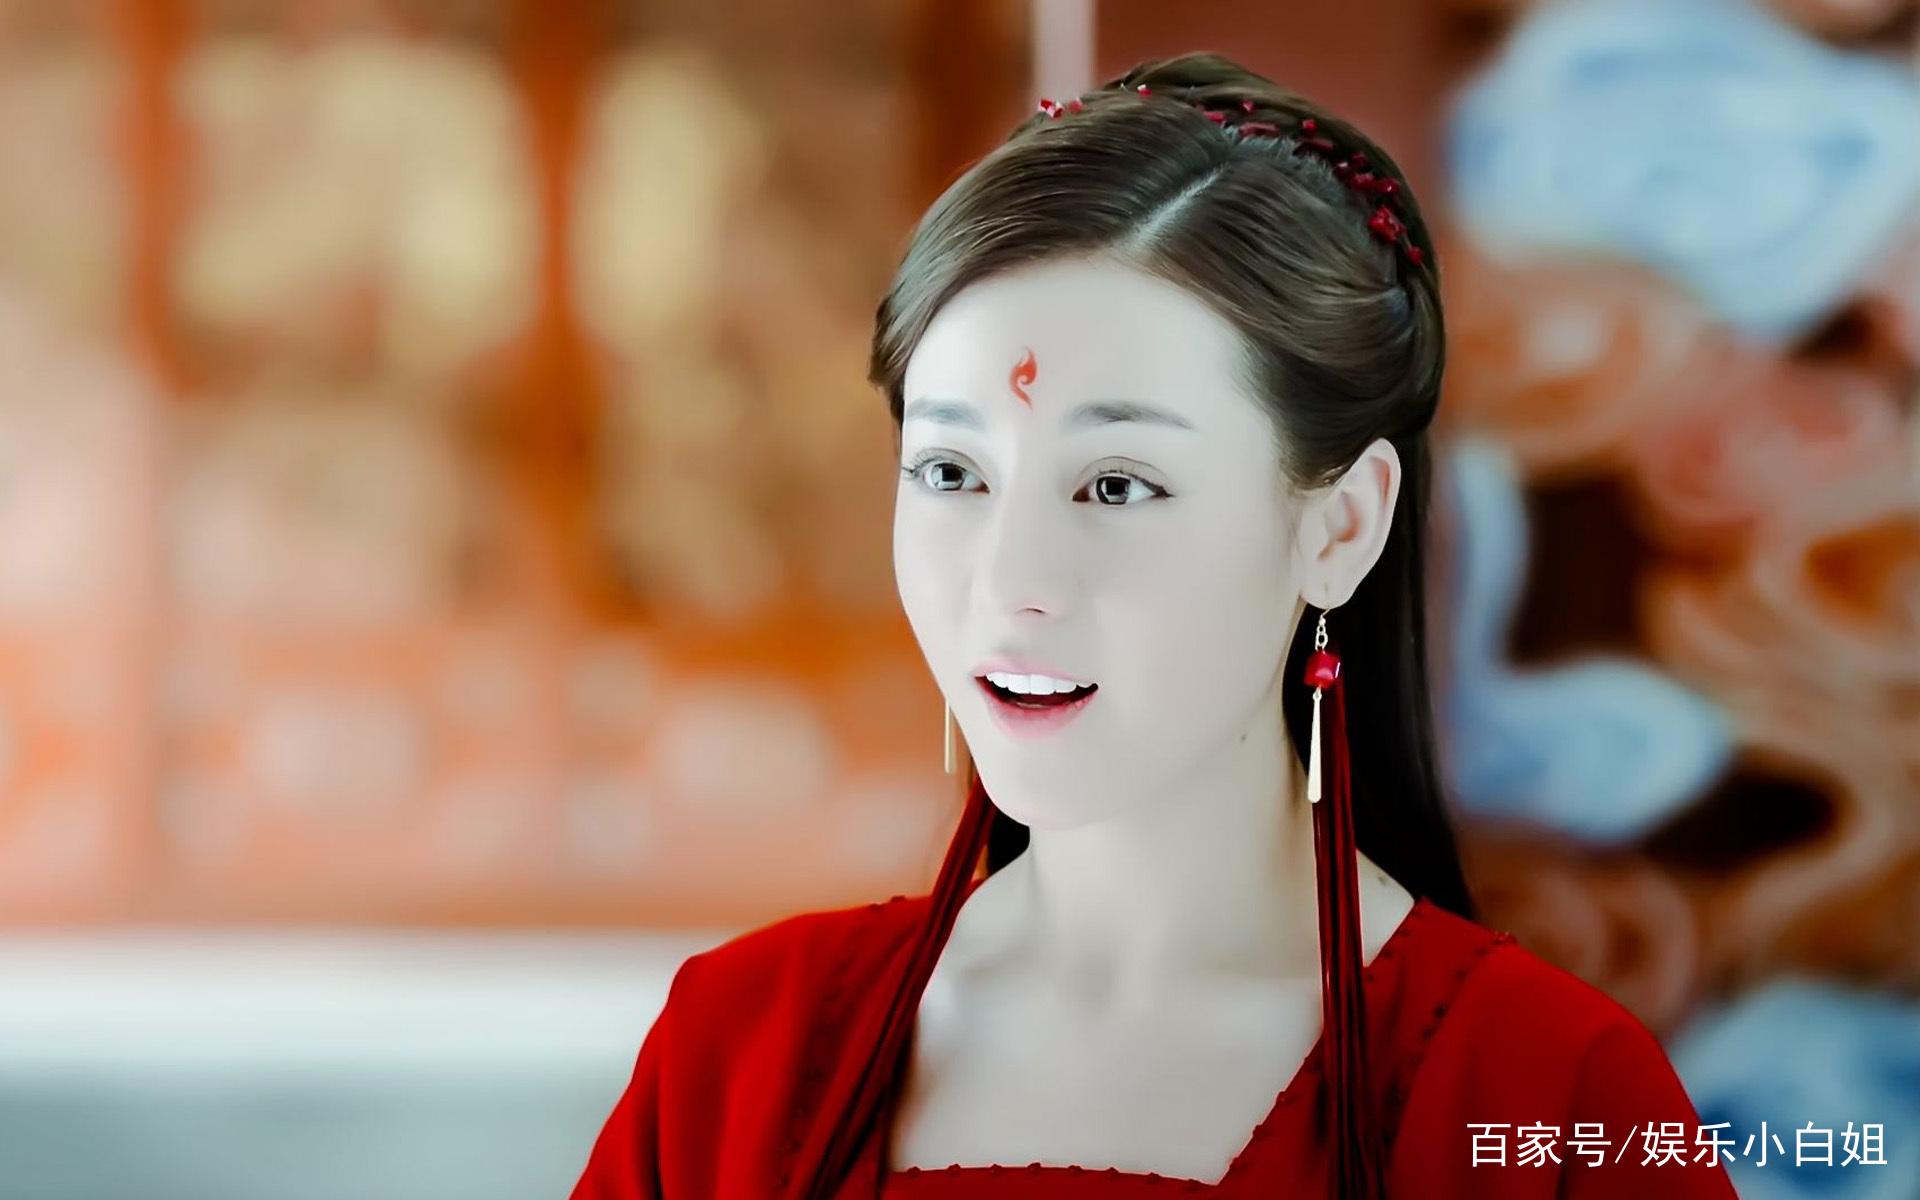 过年红色喜庆,迪丽热巴和鹿晗的古风情侣衣太唯美